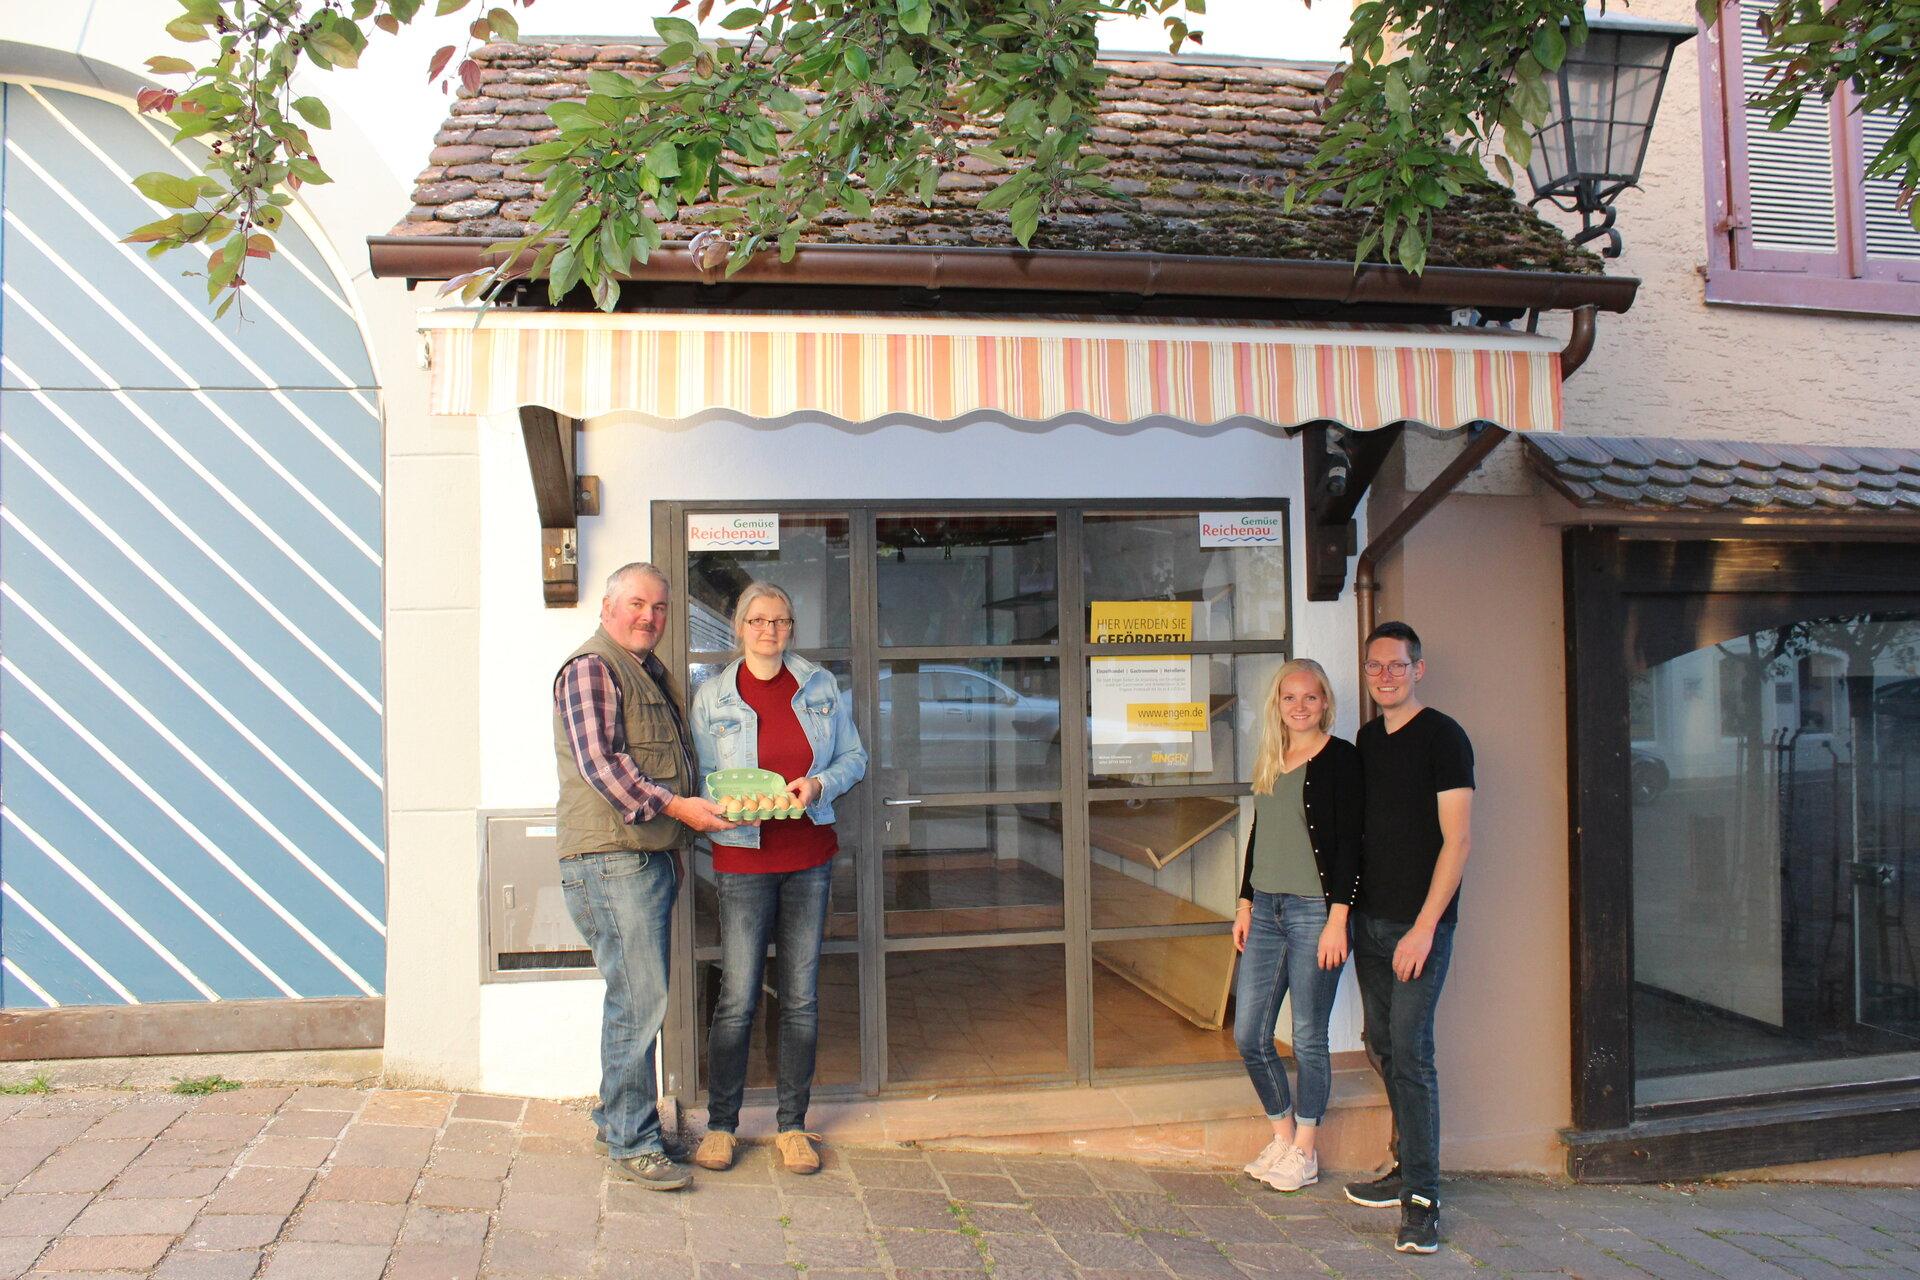 Lebensmittelautomat Drexler